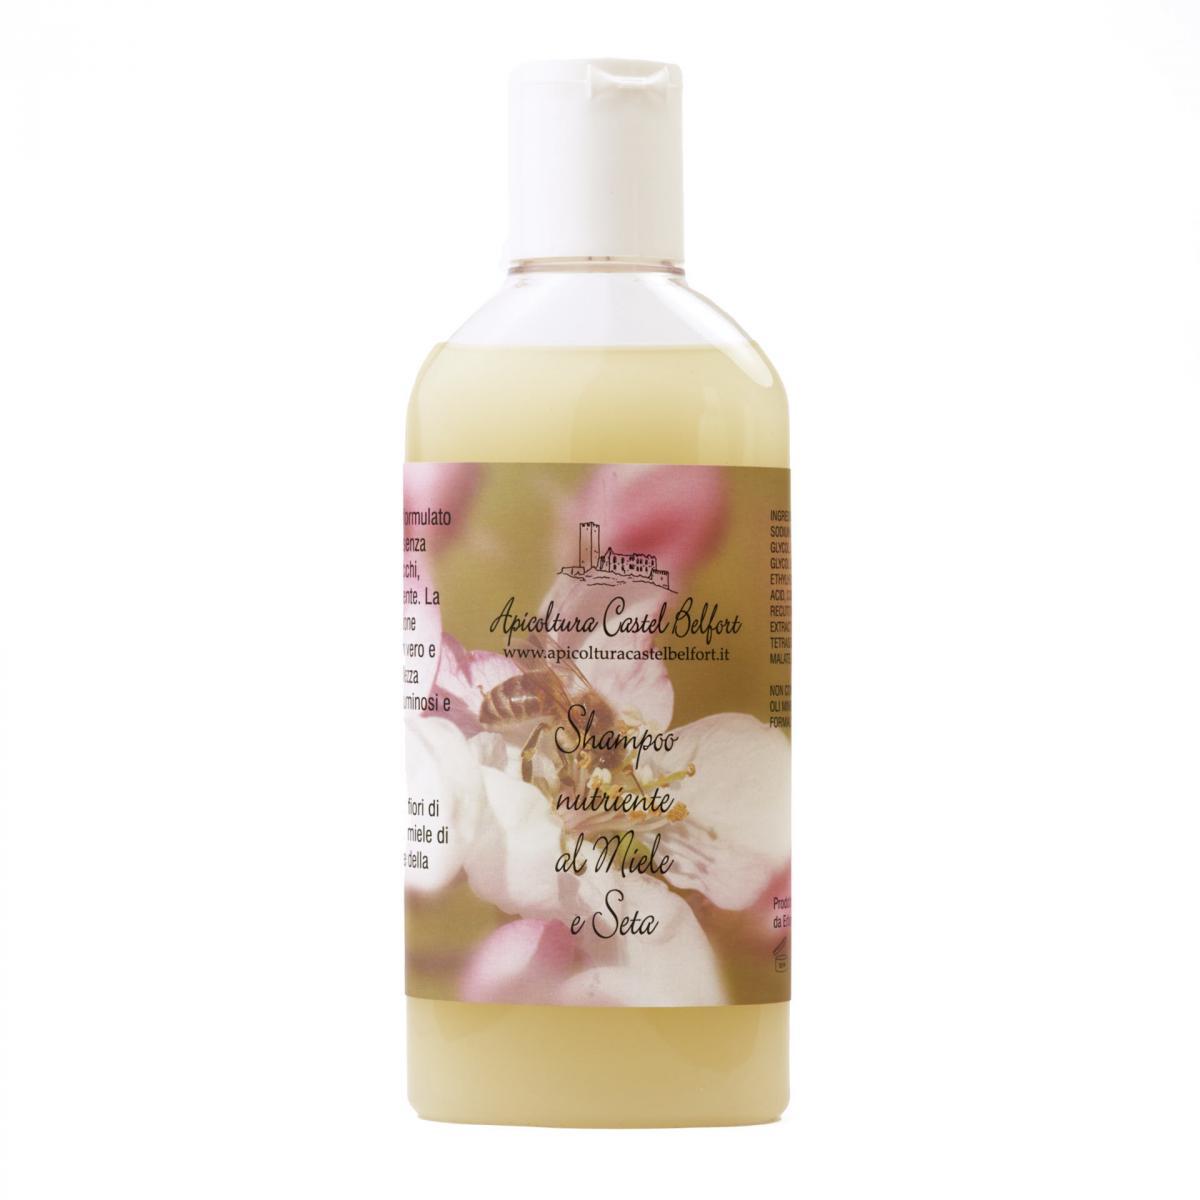 Shampoo nutriente miele e seta